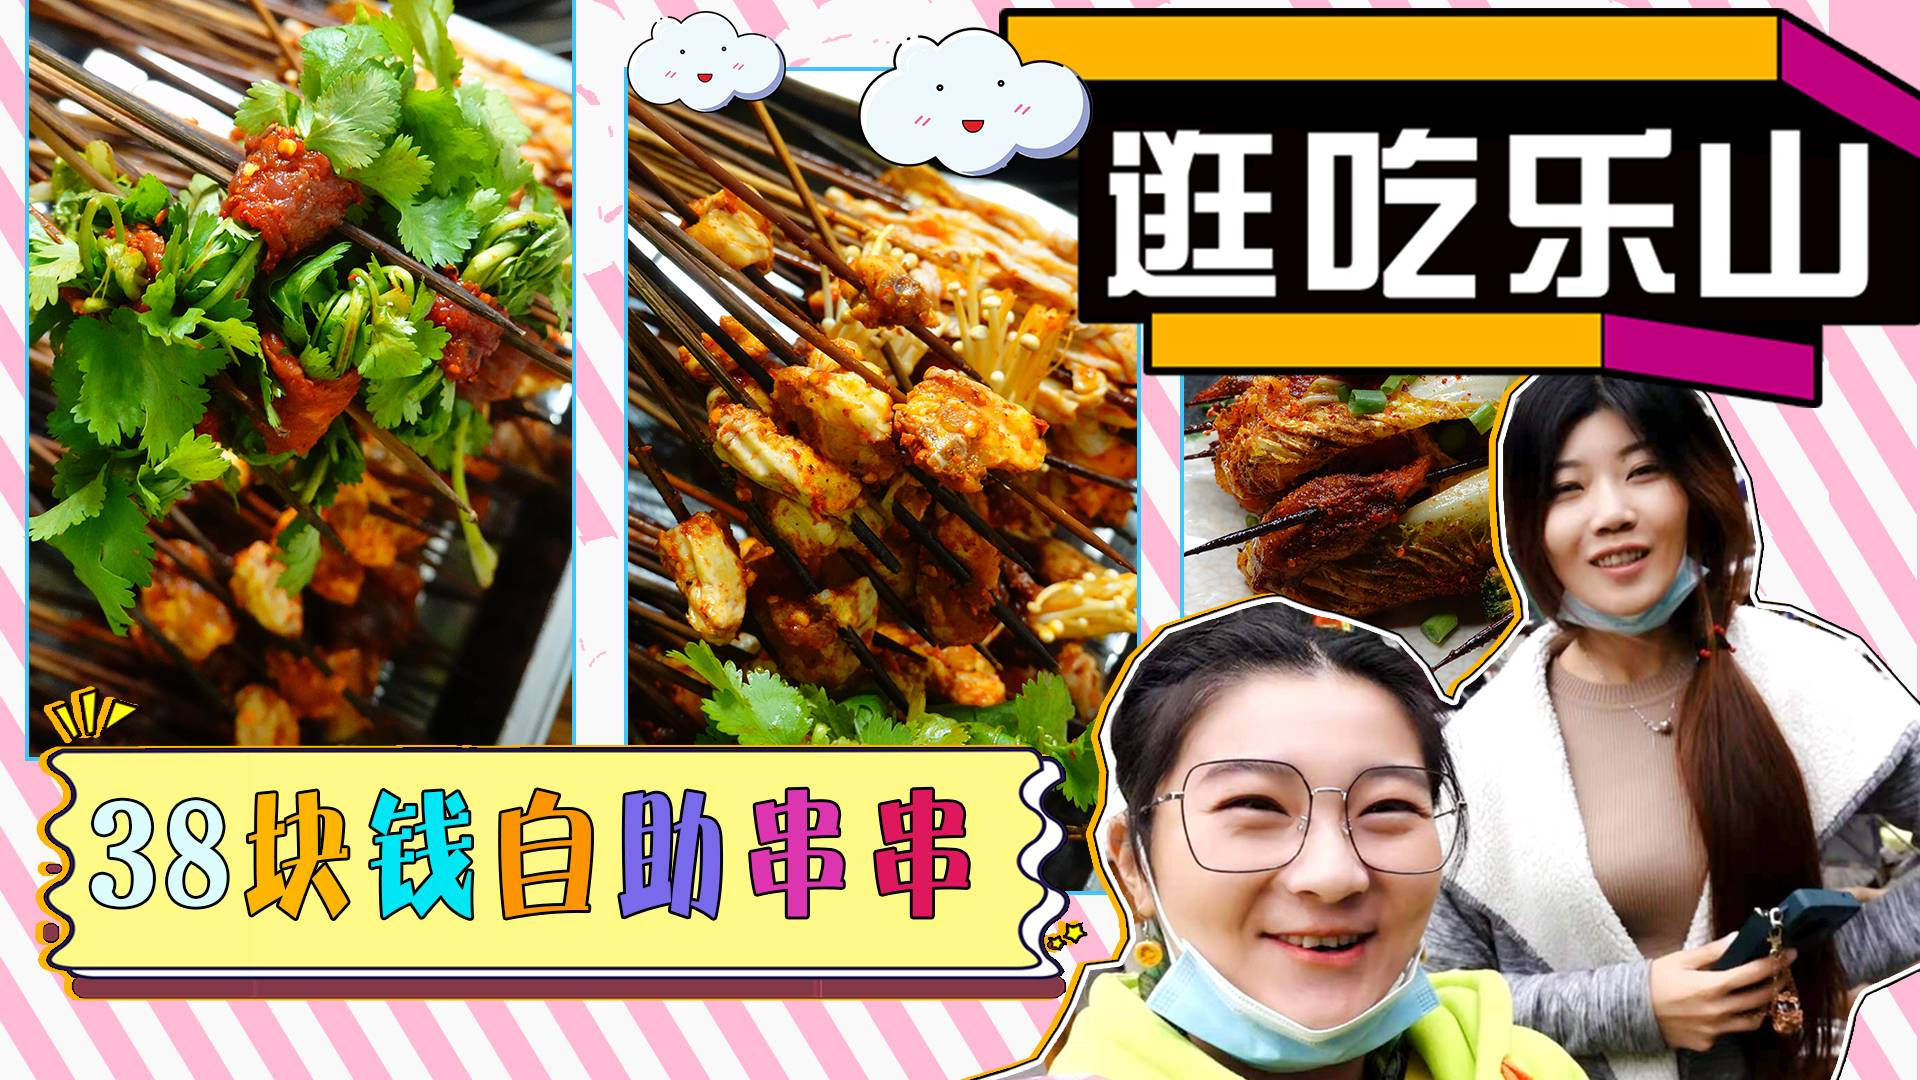 【逛吃乐山】38块钱的自助串串香,都能吃到啥?居然还有炸串?